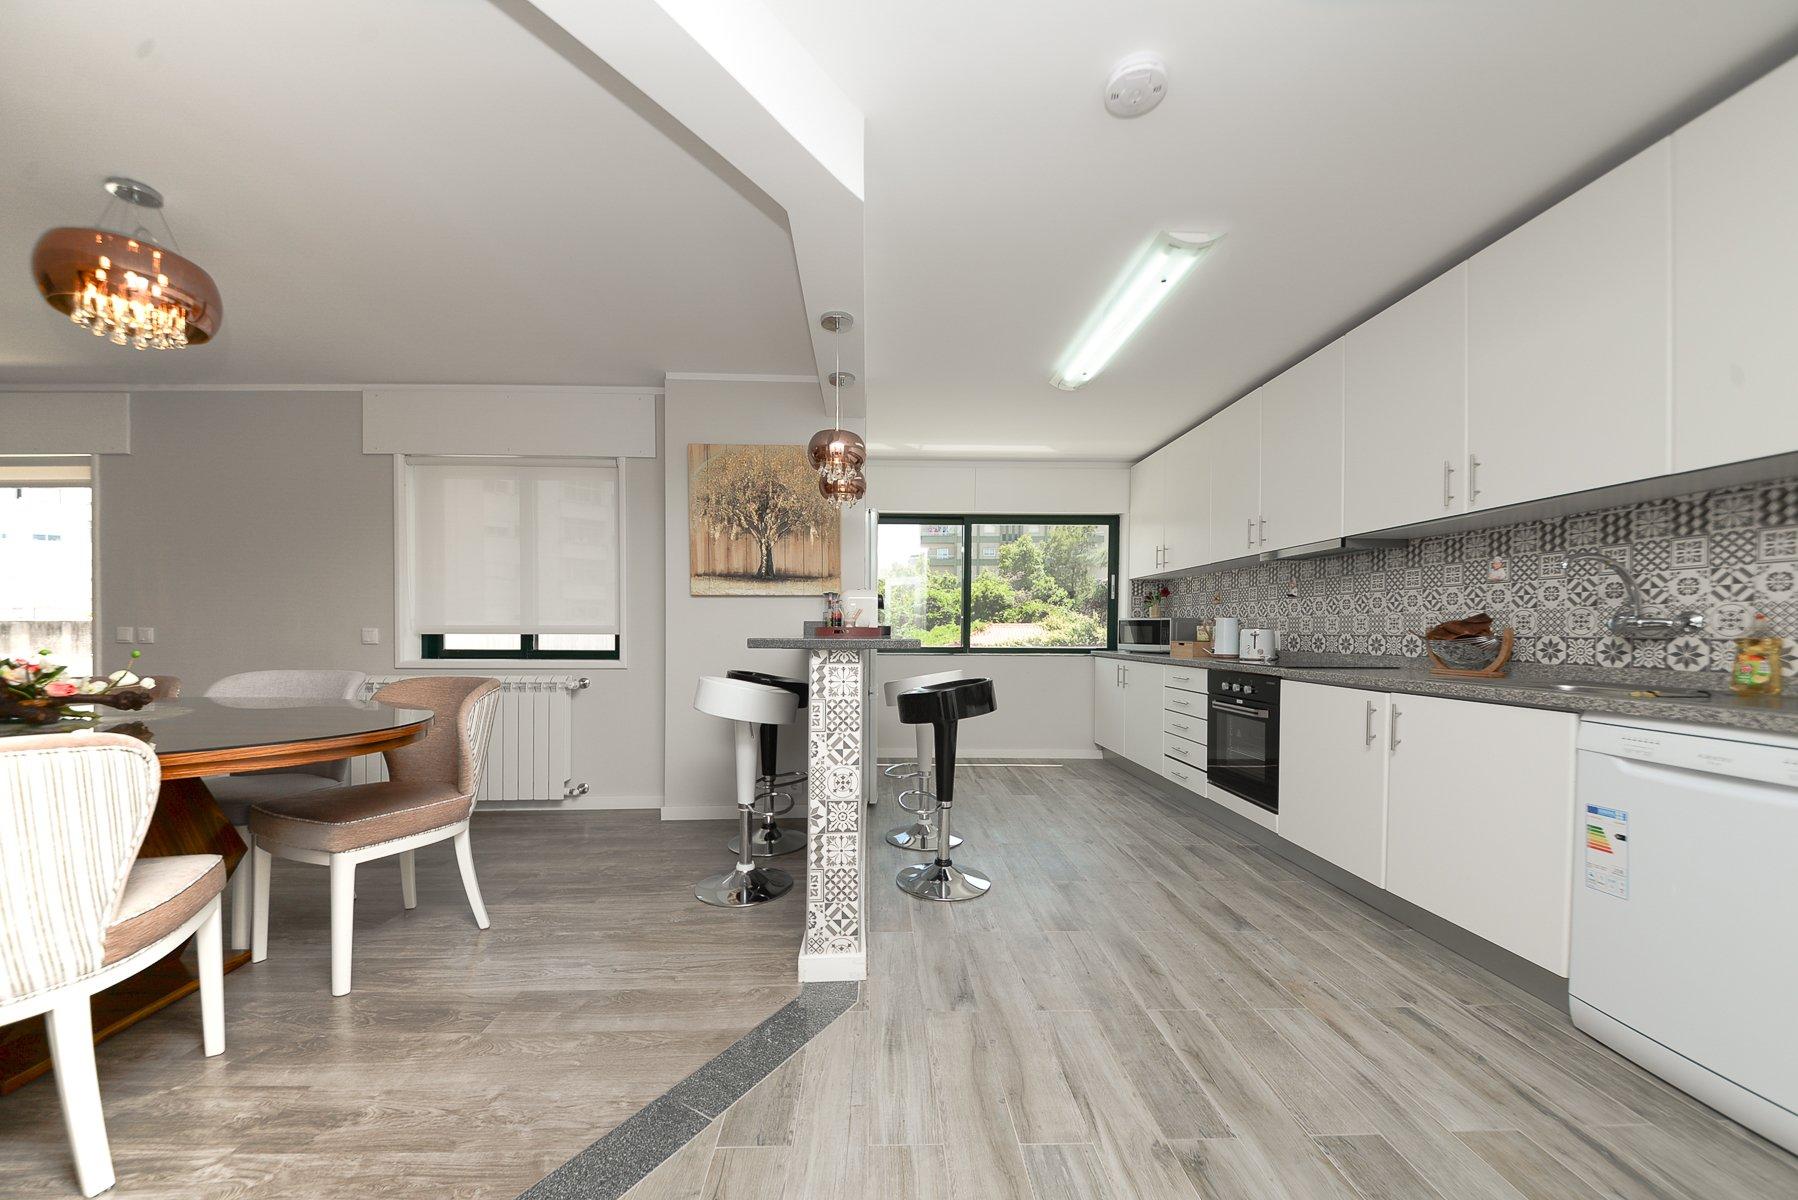 4 Bedroom Apartment Vila Nova de Gaia, Porto Ref: AAP77